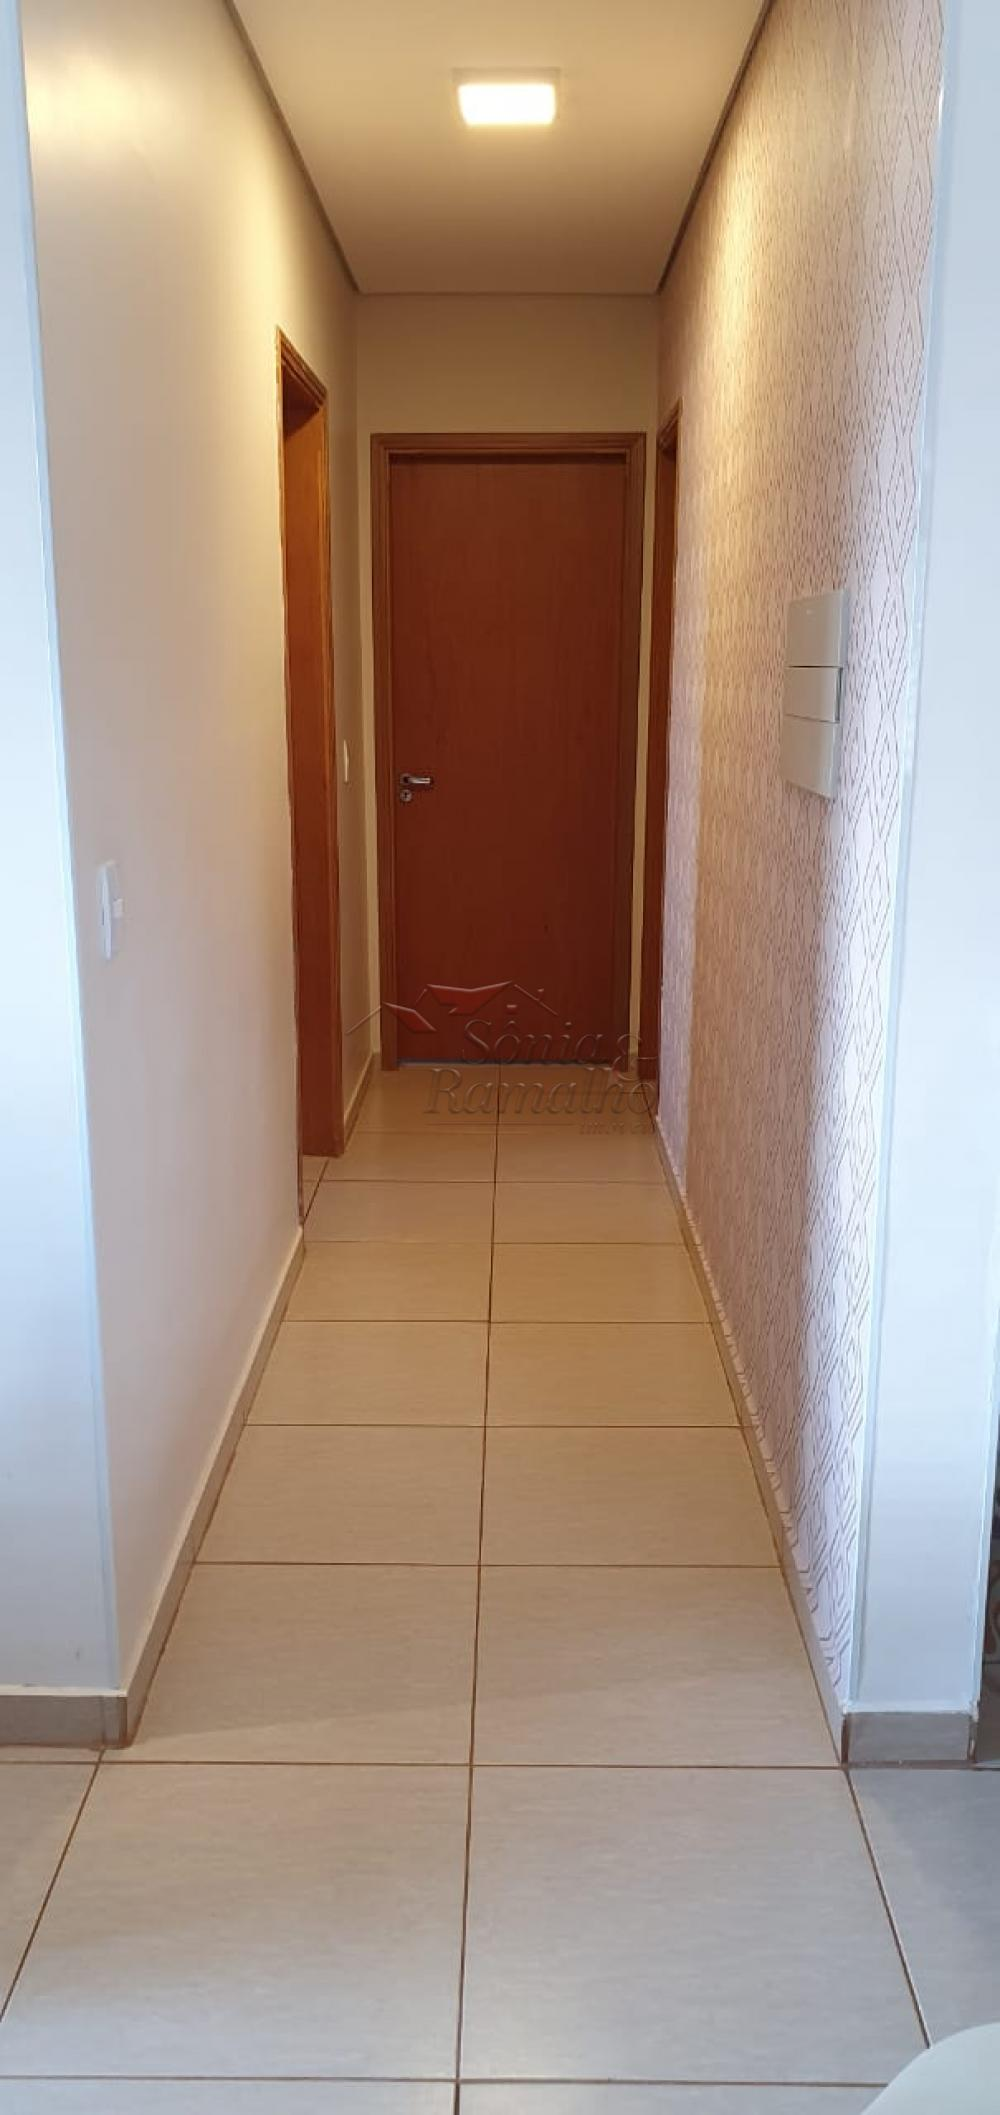 Alugar Apartamentos / Padrão em Ribeirão Preto apenas R$ 1.300,00 - Foto 16